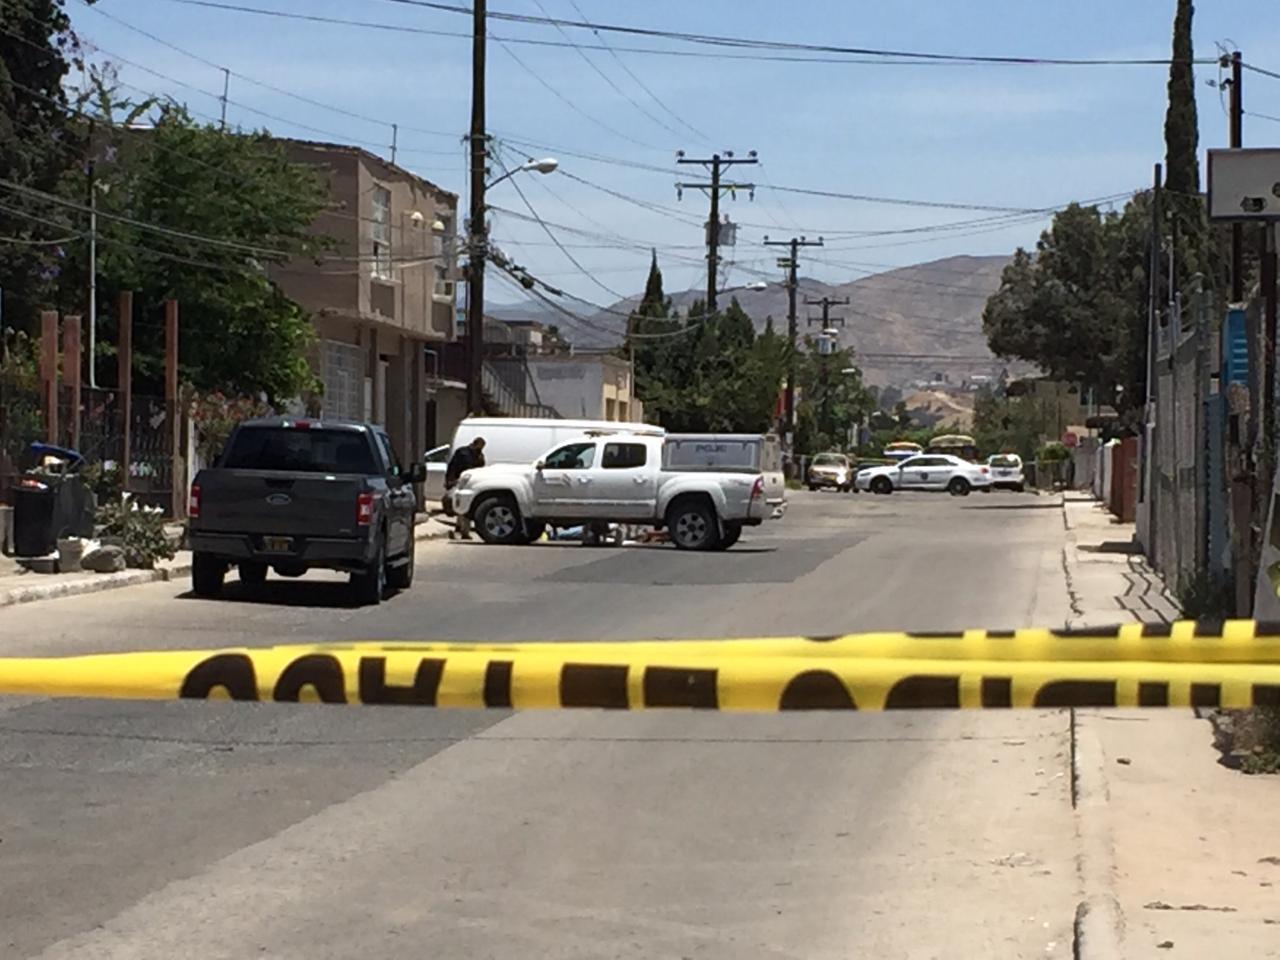 lesionan, hombres, ejido Hombre es lesionado por arma de fuego en la colonia Ejido Chilpancingo